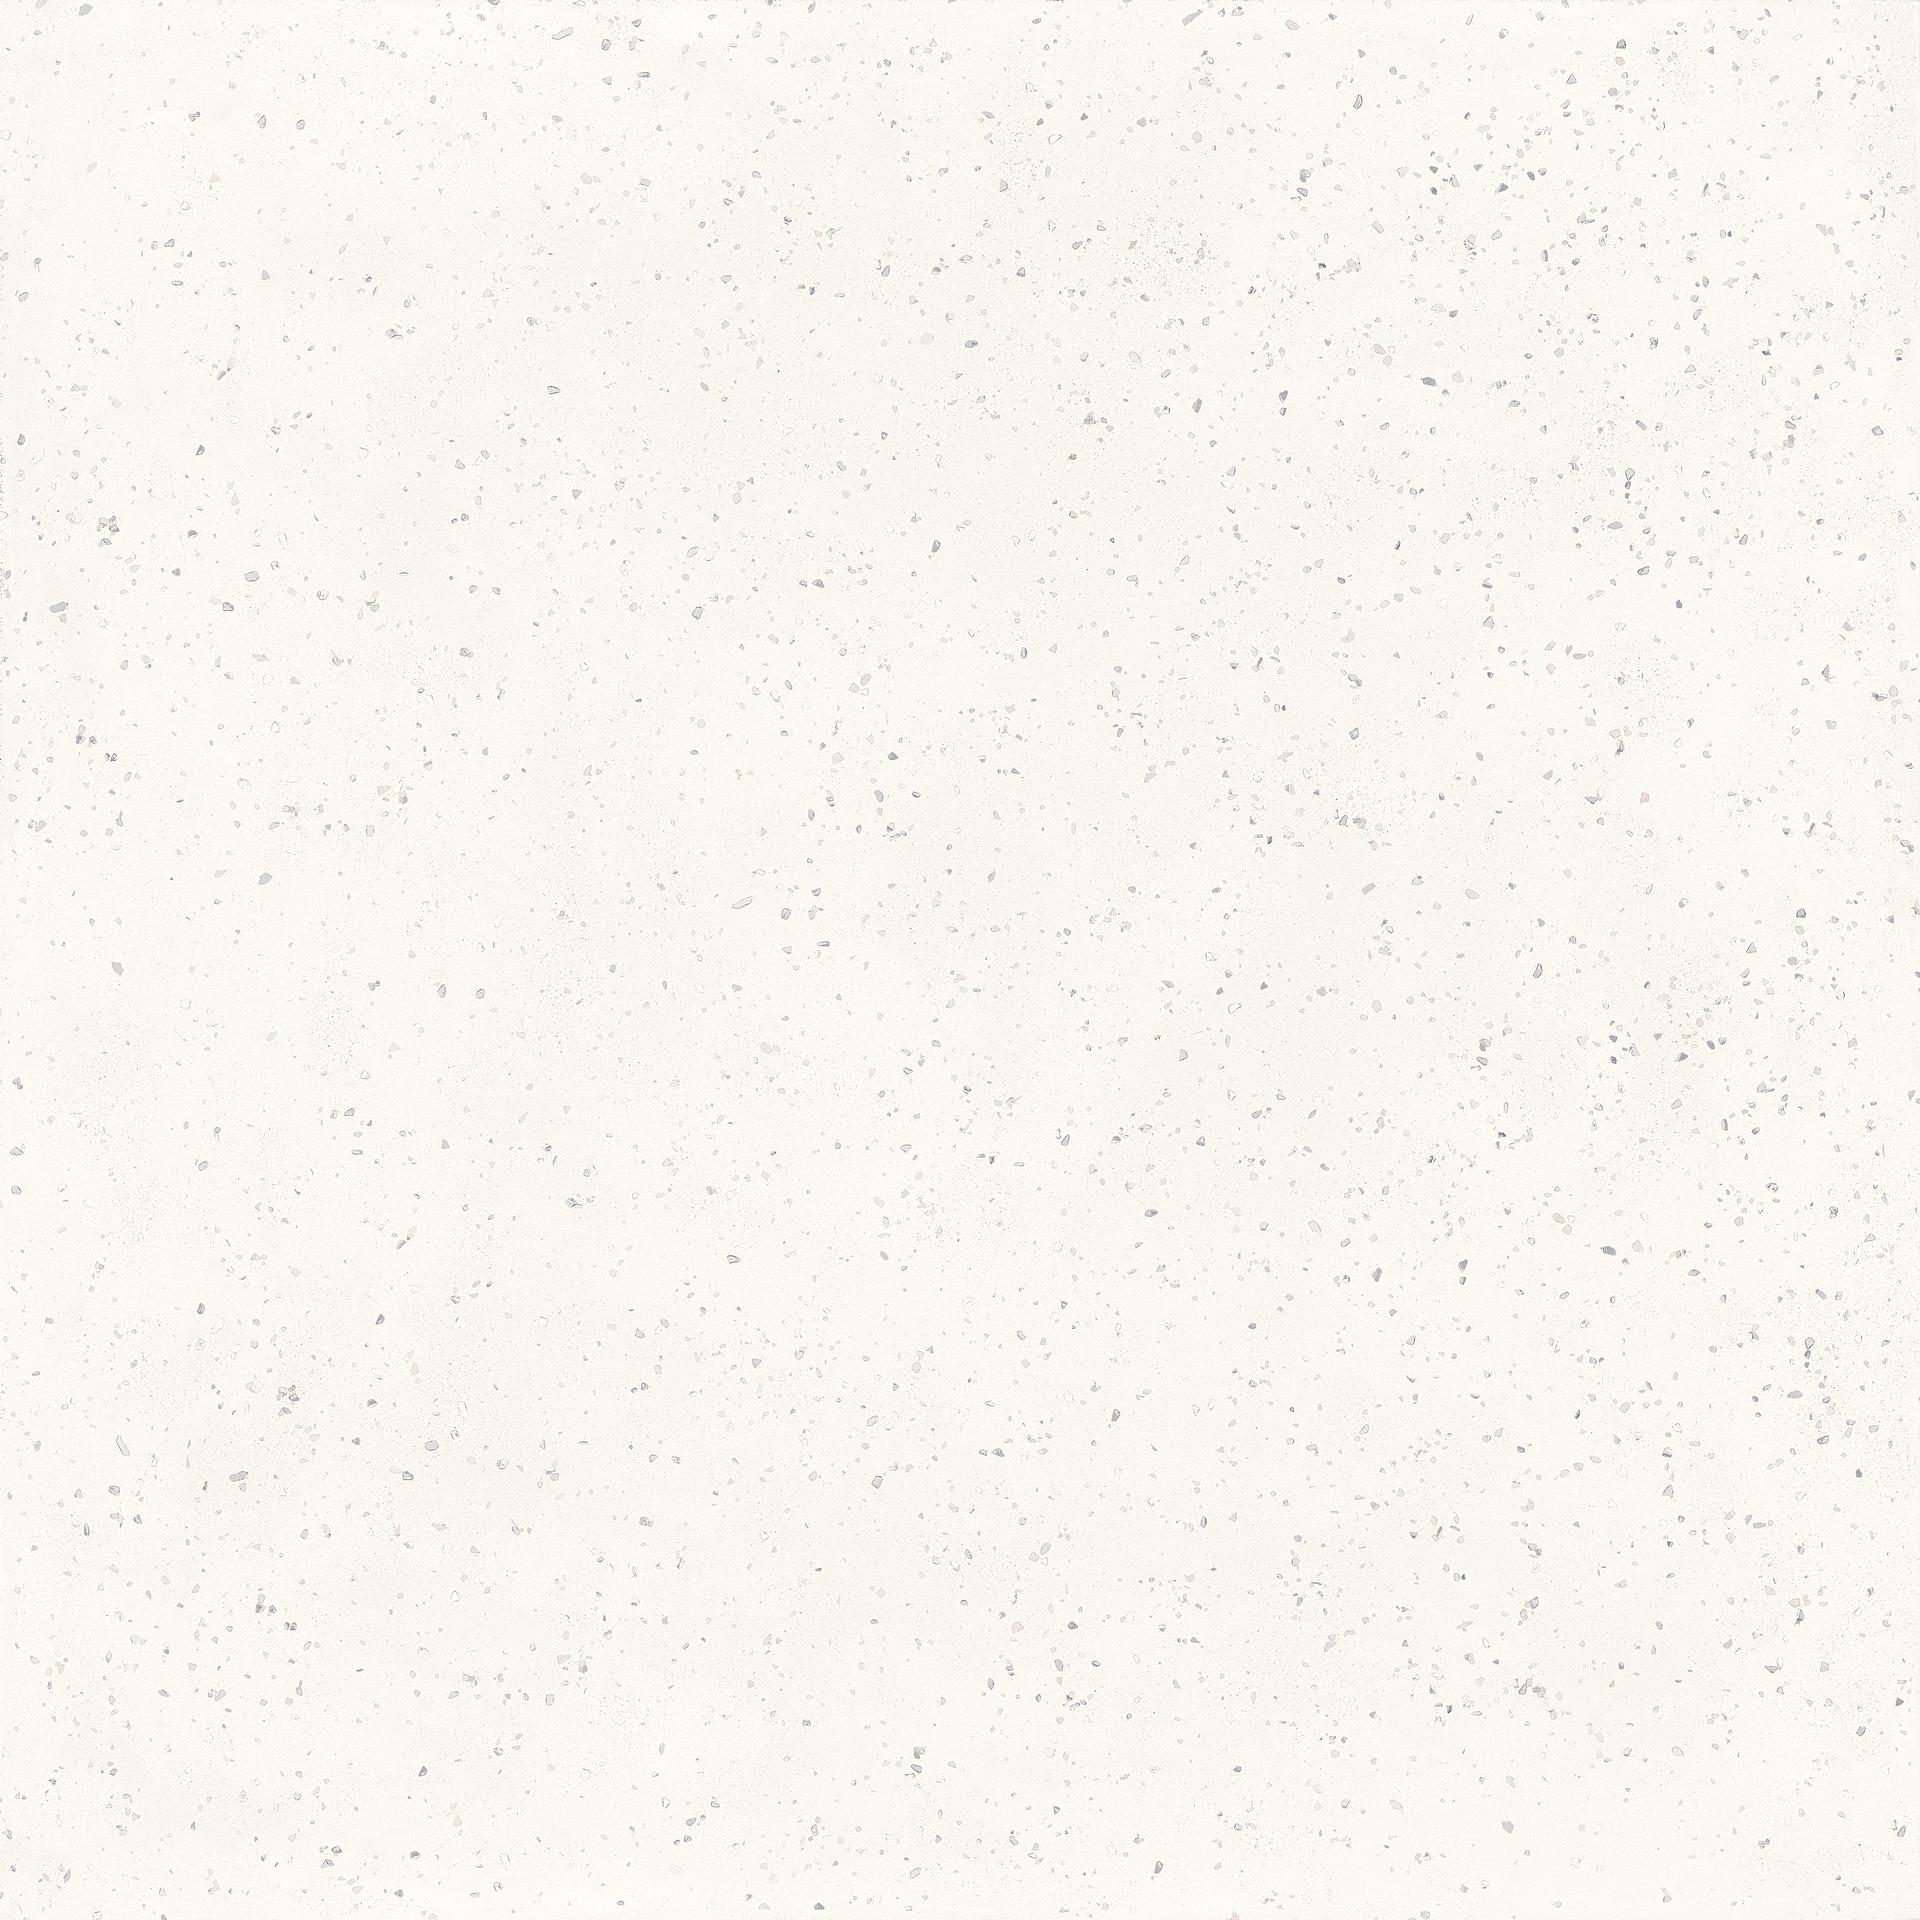 Płytki bazowe Deconcrete od Sant′Agostino, Gres szkliwiony, 120x120 cm, Powierzchnia antypoślizgowa, Efekt lastryko,betonu, Kolor biały,